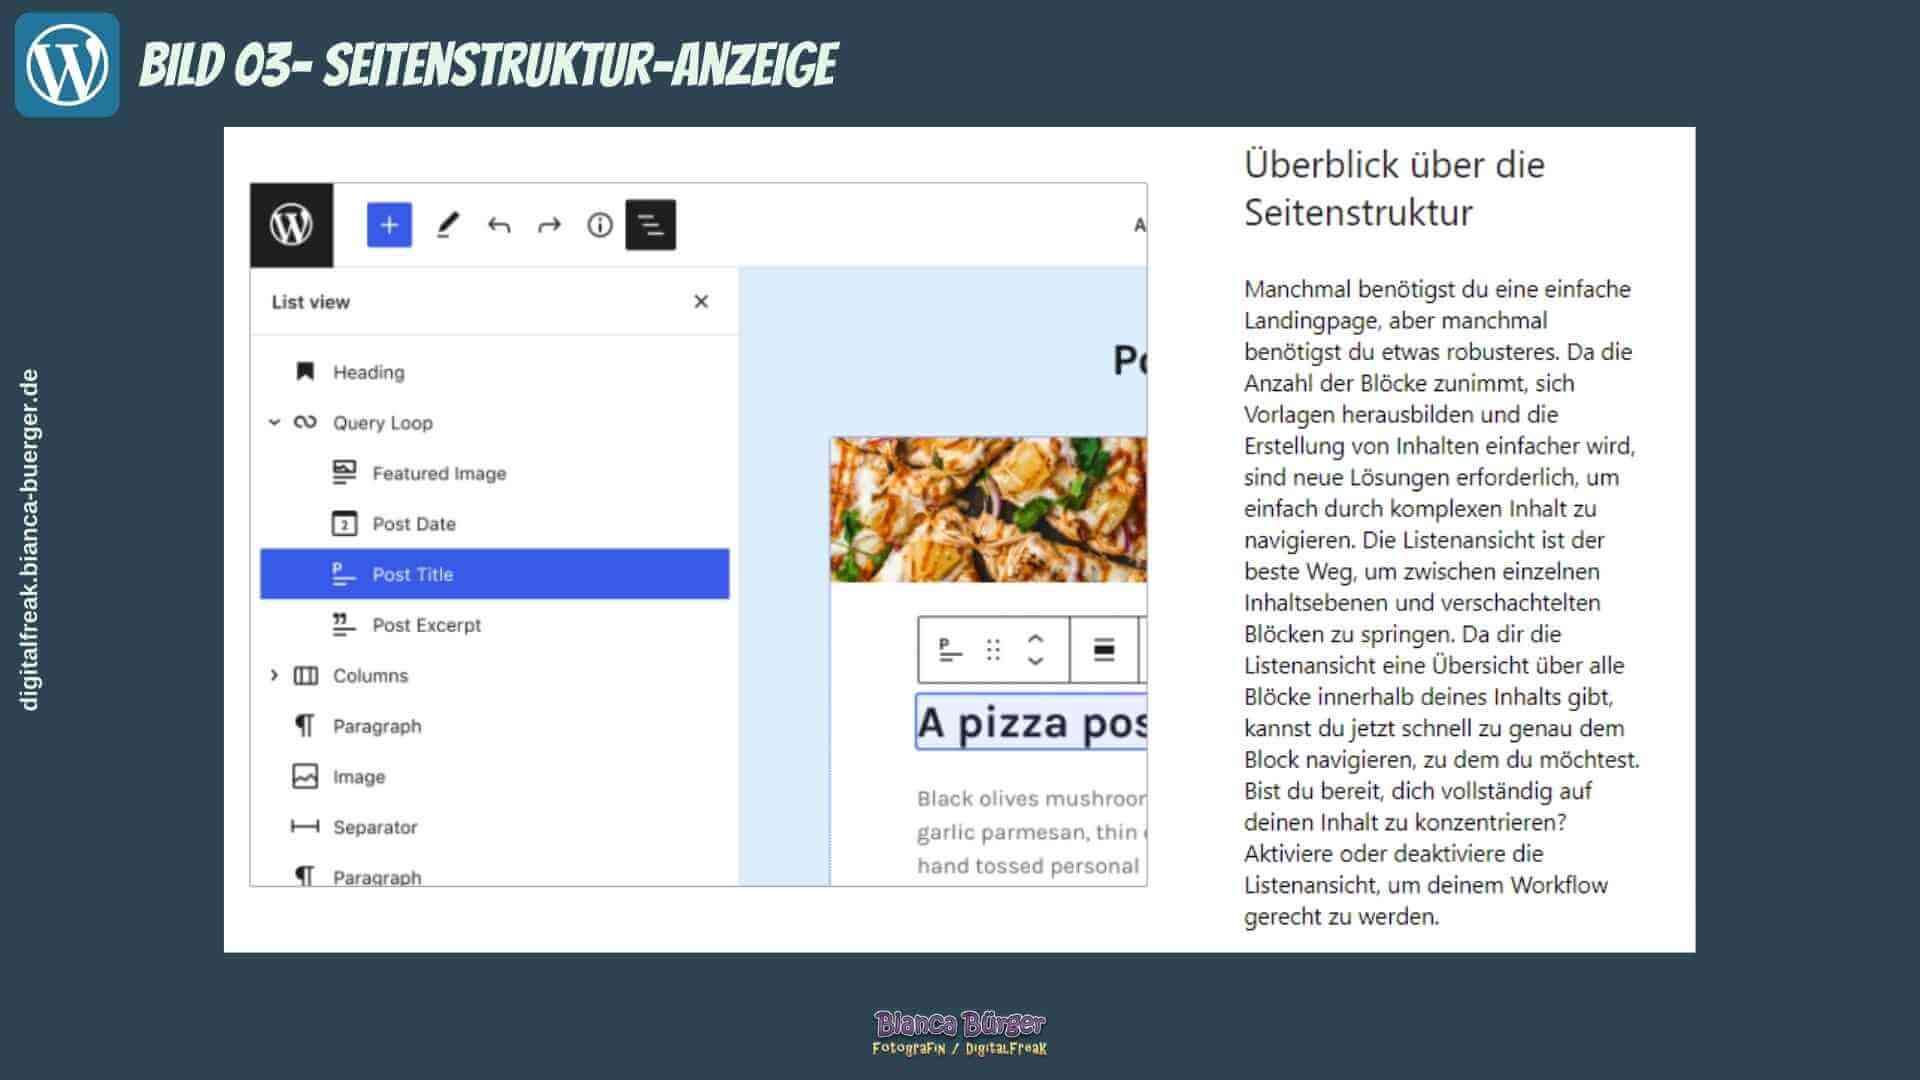 WordPress-5-8_03_Seitenstruktur-Anzeige